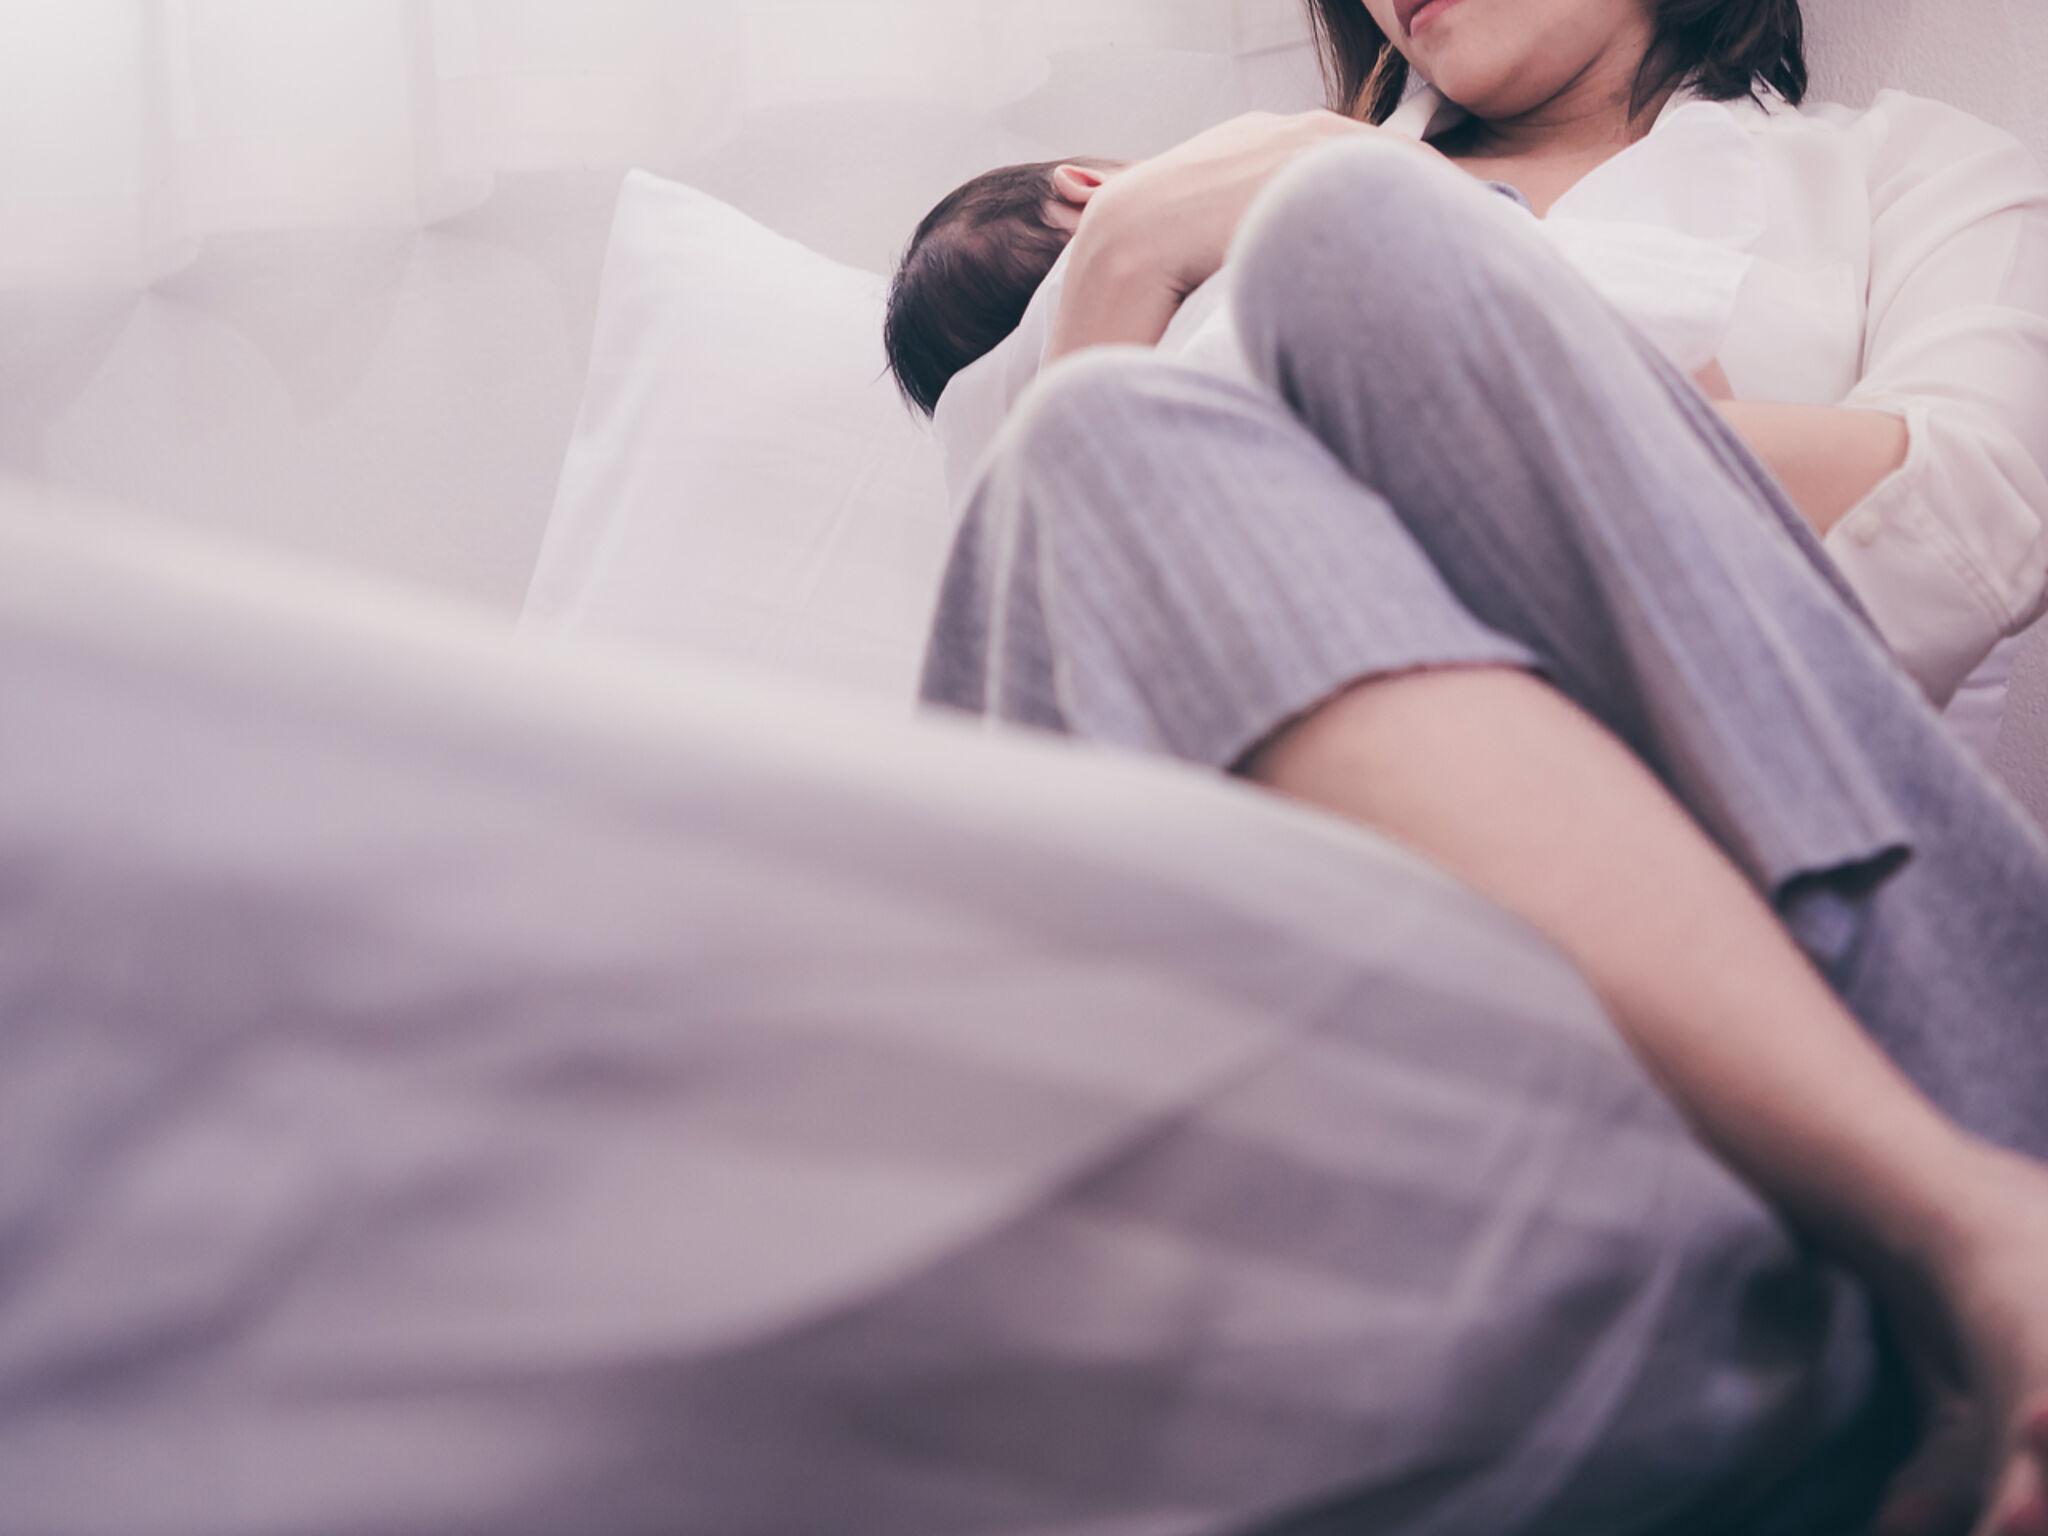 母親が赤ちゃんを抱いてベッドに座っている画像